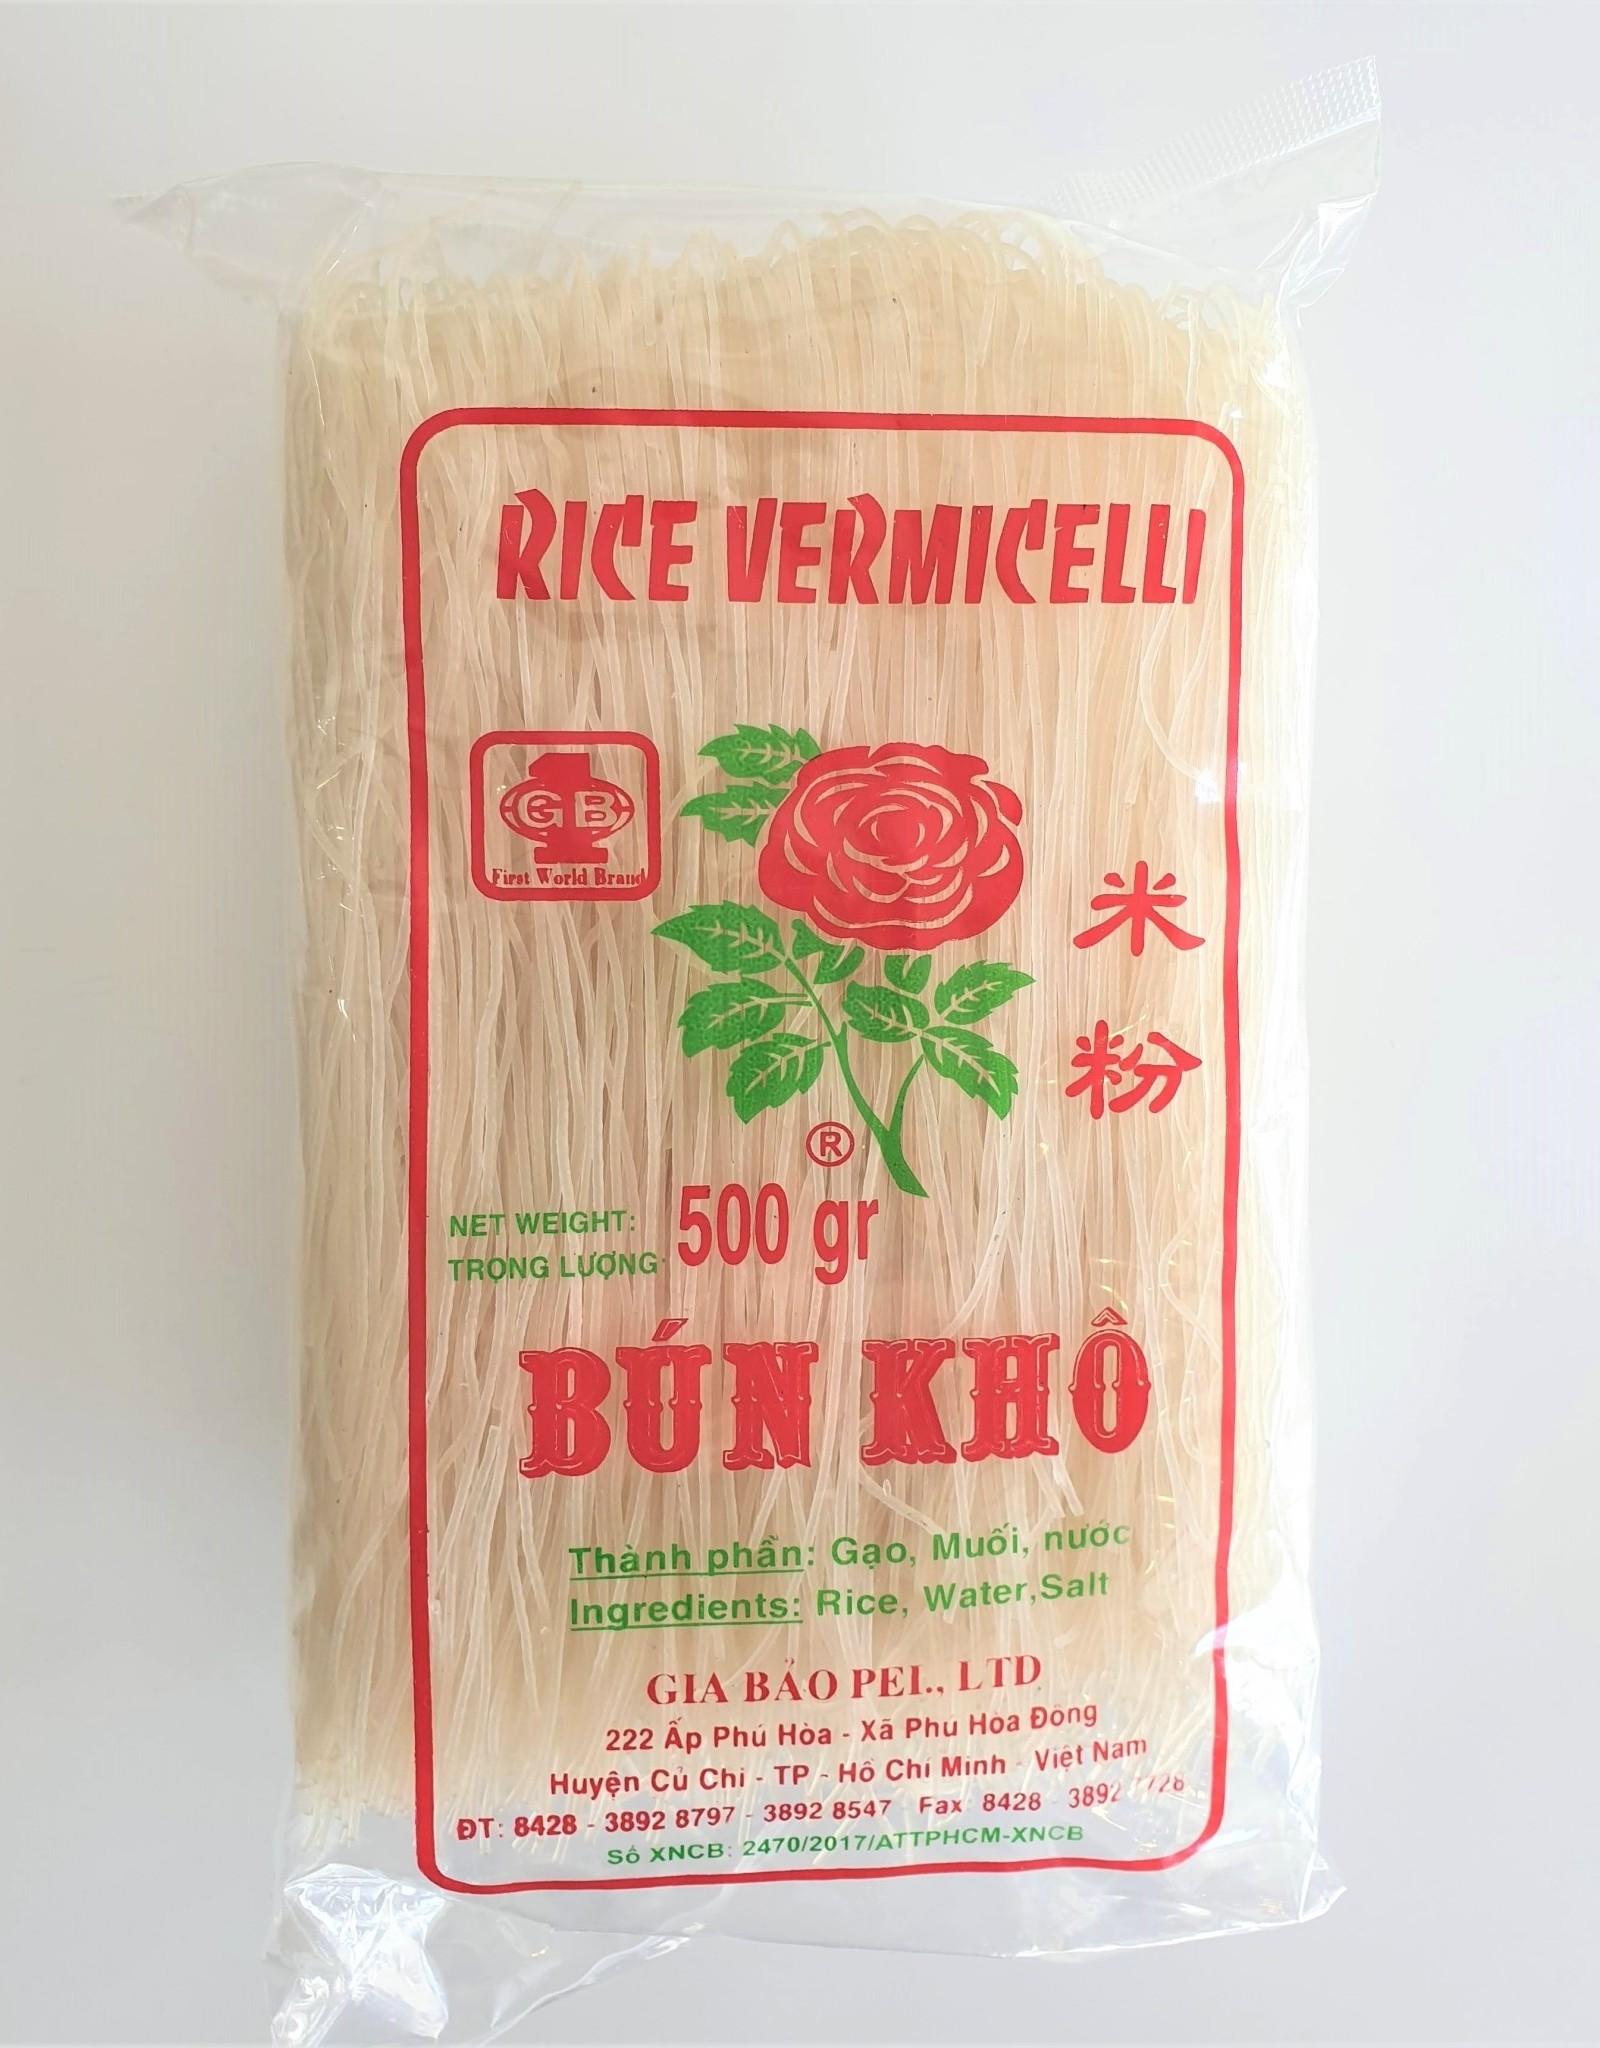 Rose Gia Bao Rice Vermicelli (bun kho) 500g